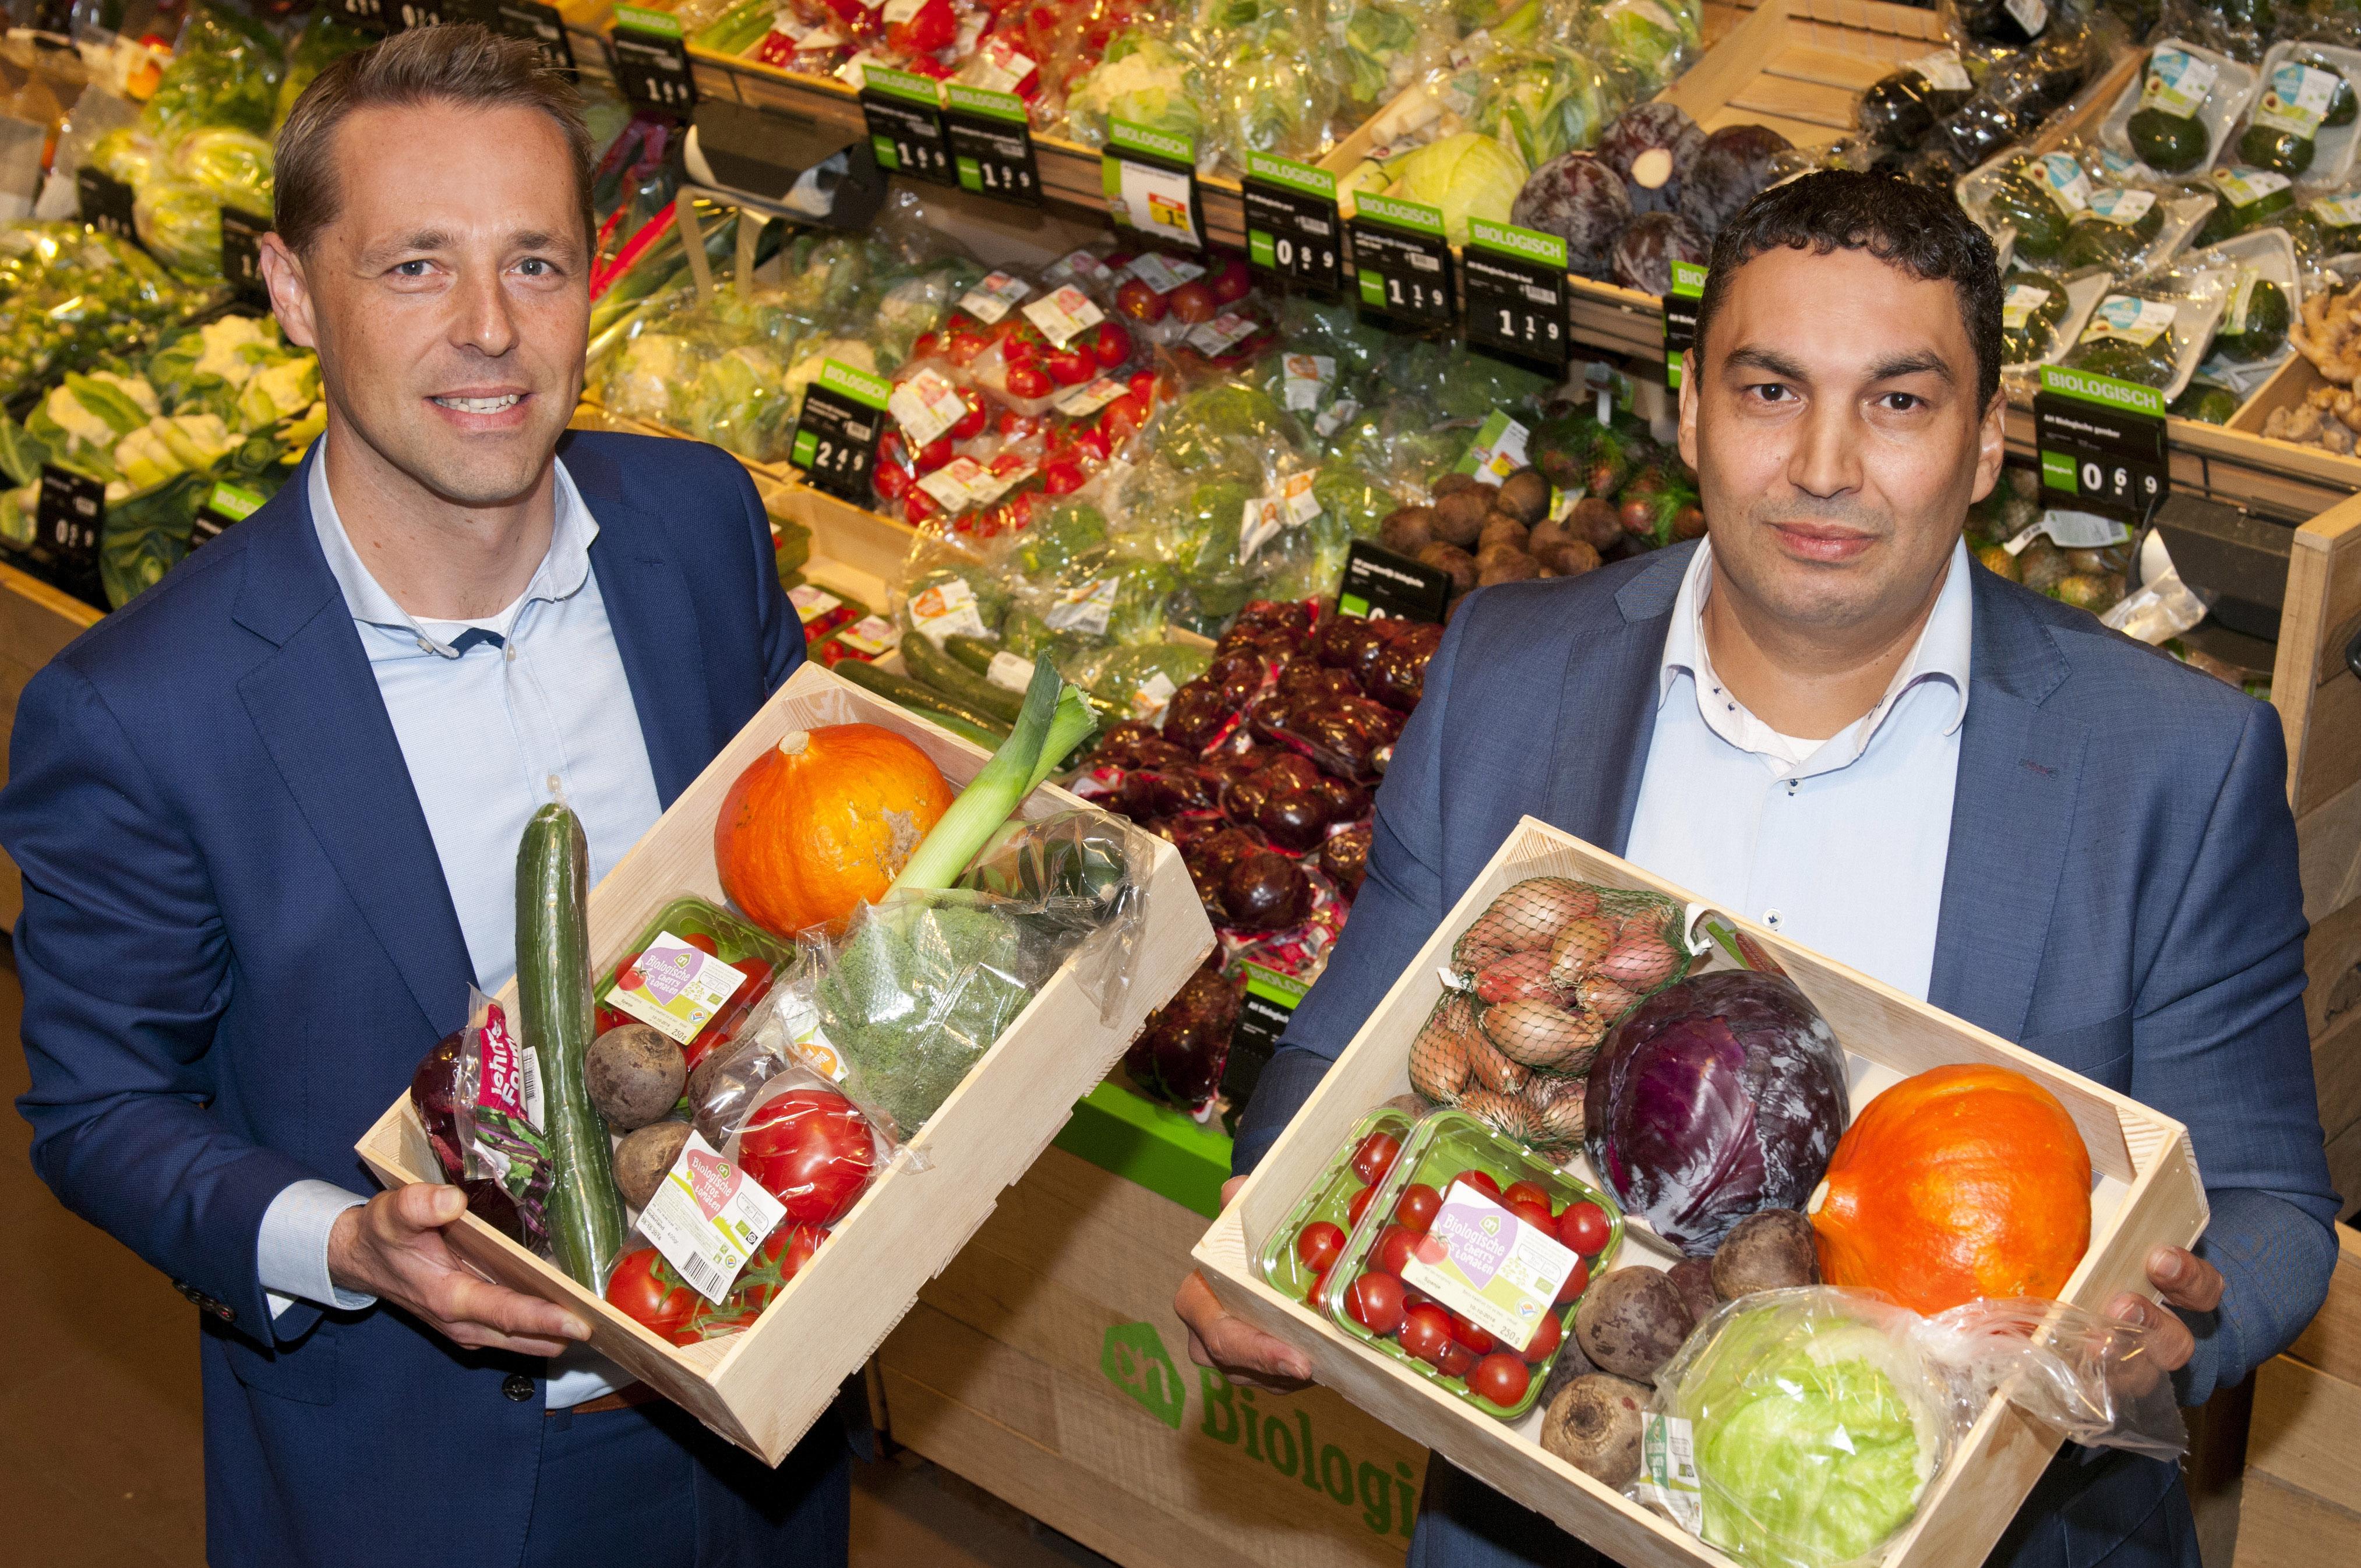 Frank Loos en Said Belhassan tonen het uitgebreidere aanbod aan maaltijdpakketten. Foto: Wick Natzijl